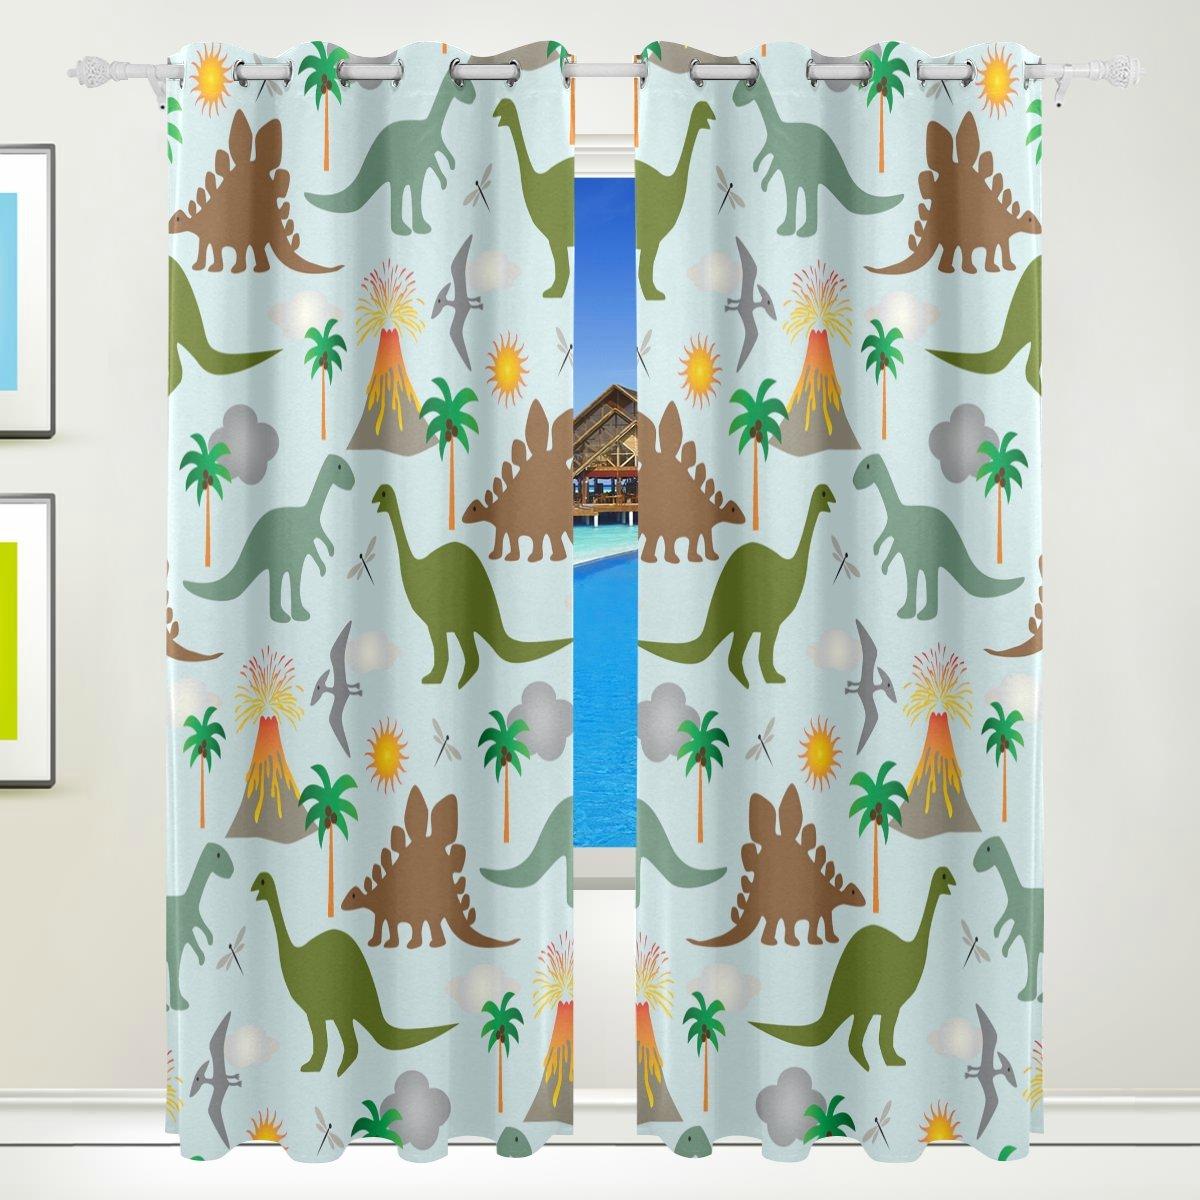 TIZORAX Dinosaurier Dino Vorhänge Verdunkeln isoliert schwarzout Fenster Panel Drapes für Wohnzimmer Schlafzimmer 139,7 x 213,4 cm, Set von 2 Panels